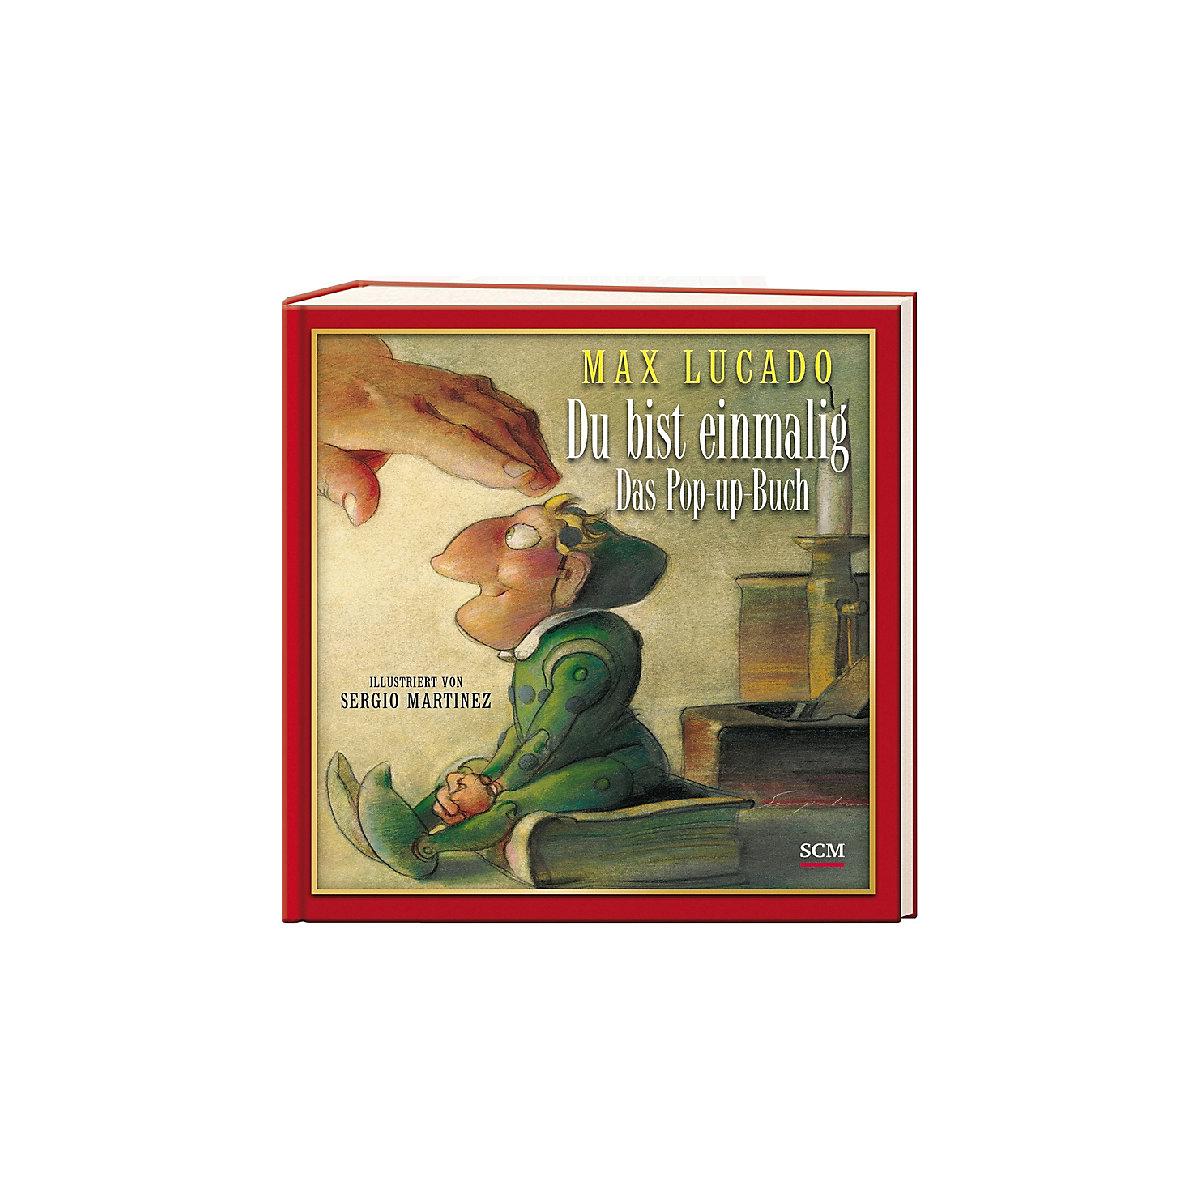 Du bist einmalig - Das Pop-up-Buch, Max Lucado   myToys